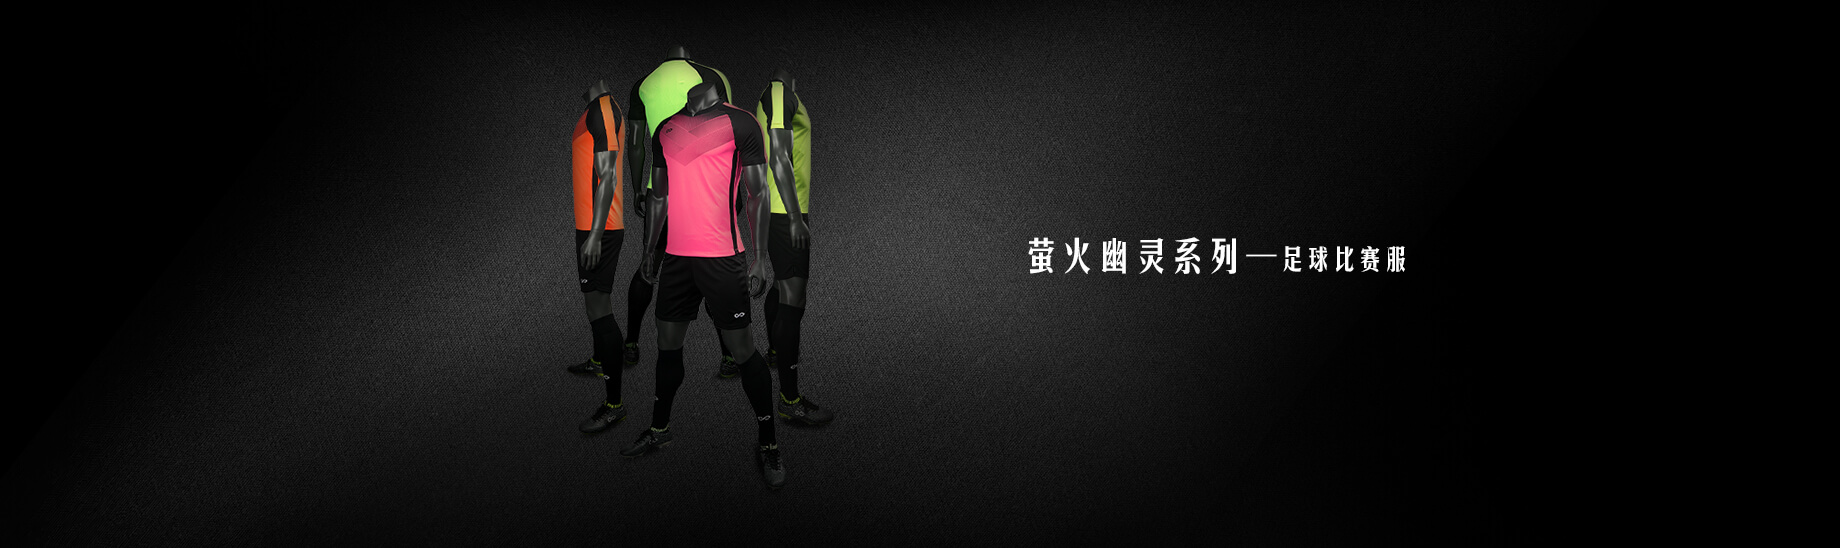 萤火幽灵系列足球比赛服